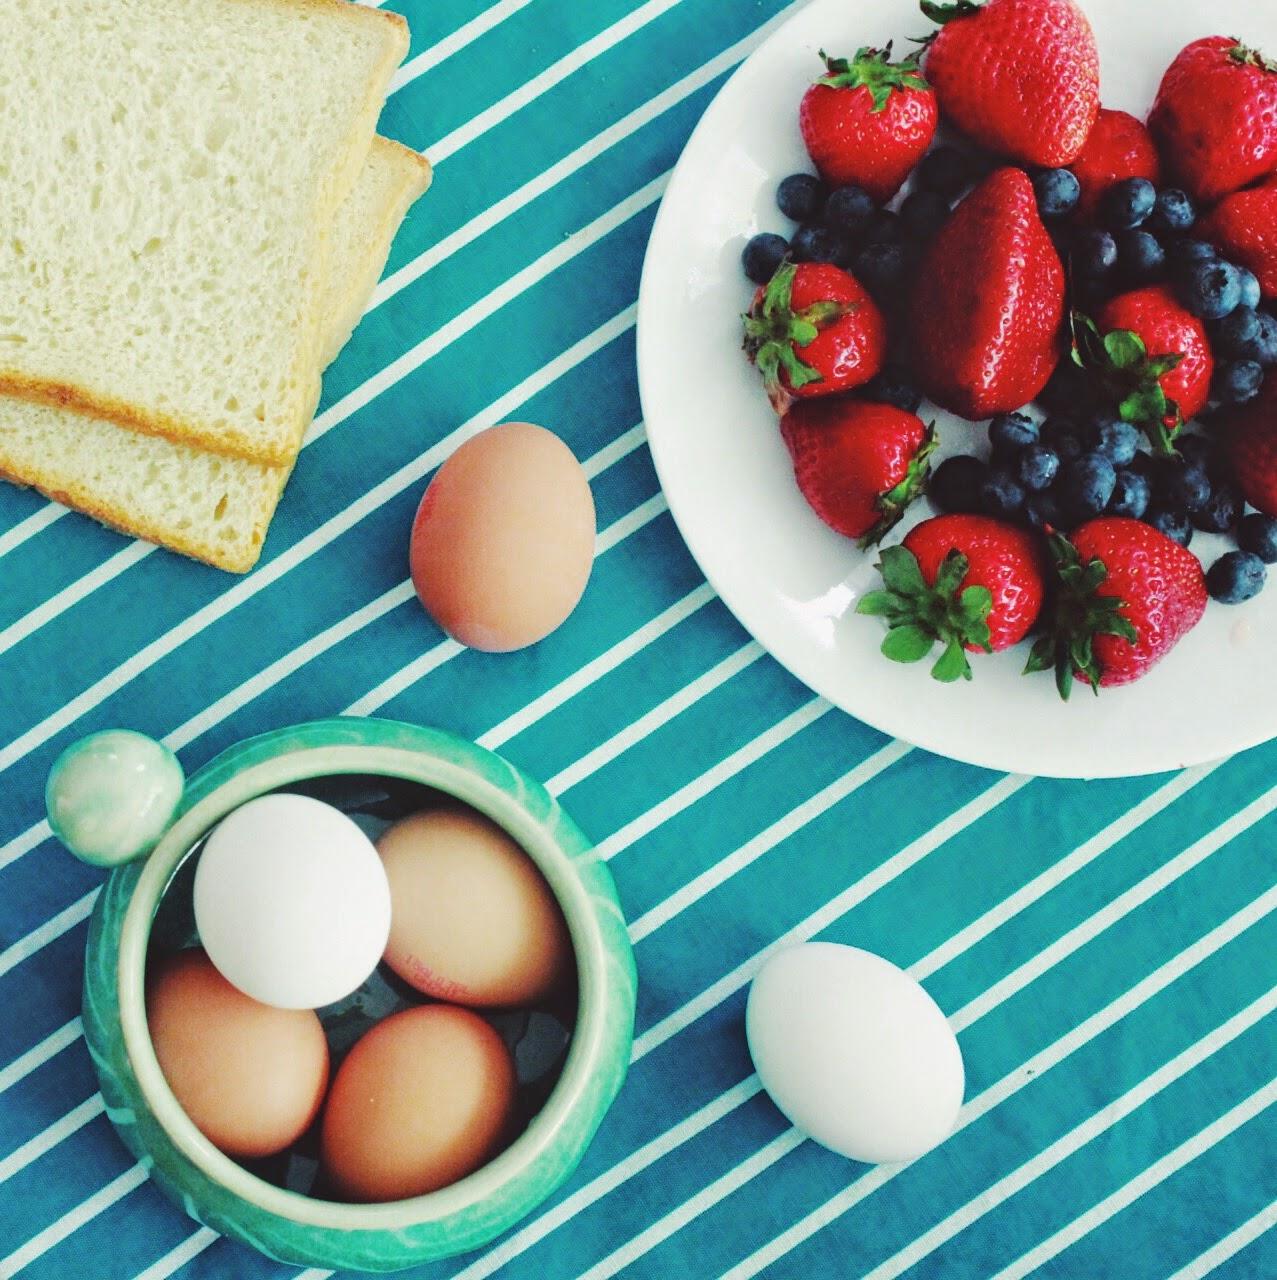 NAVKBRAR BLOG RECIPES: Strawberry shortcake french toast